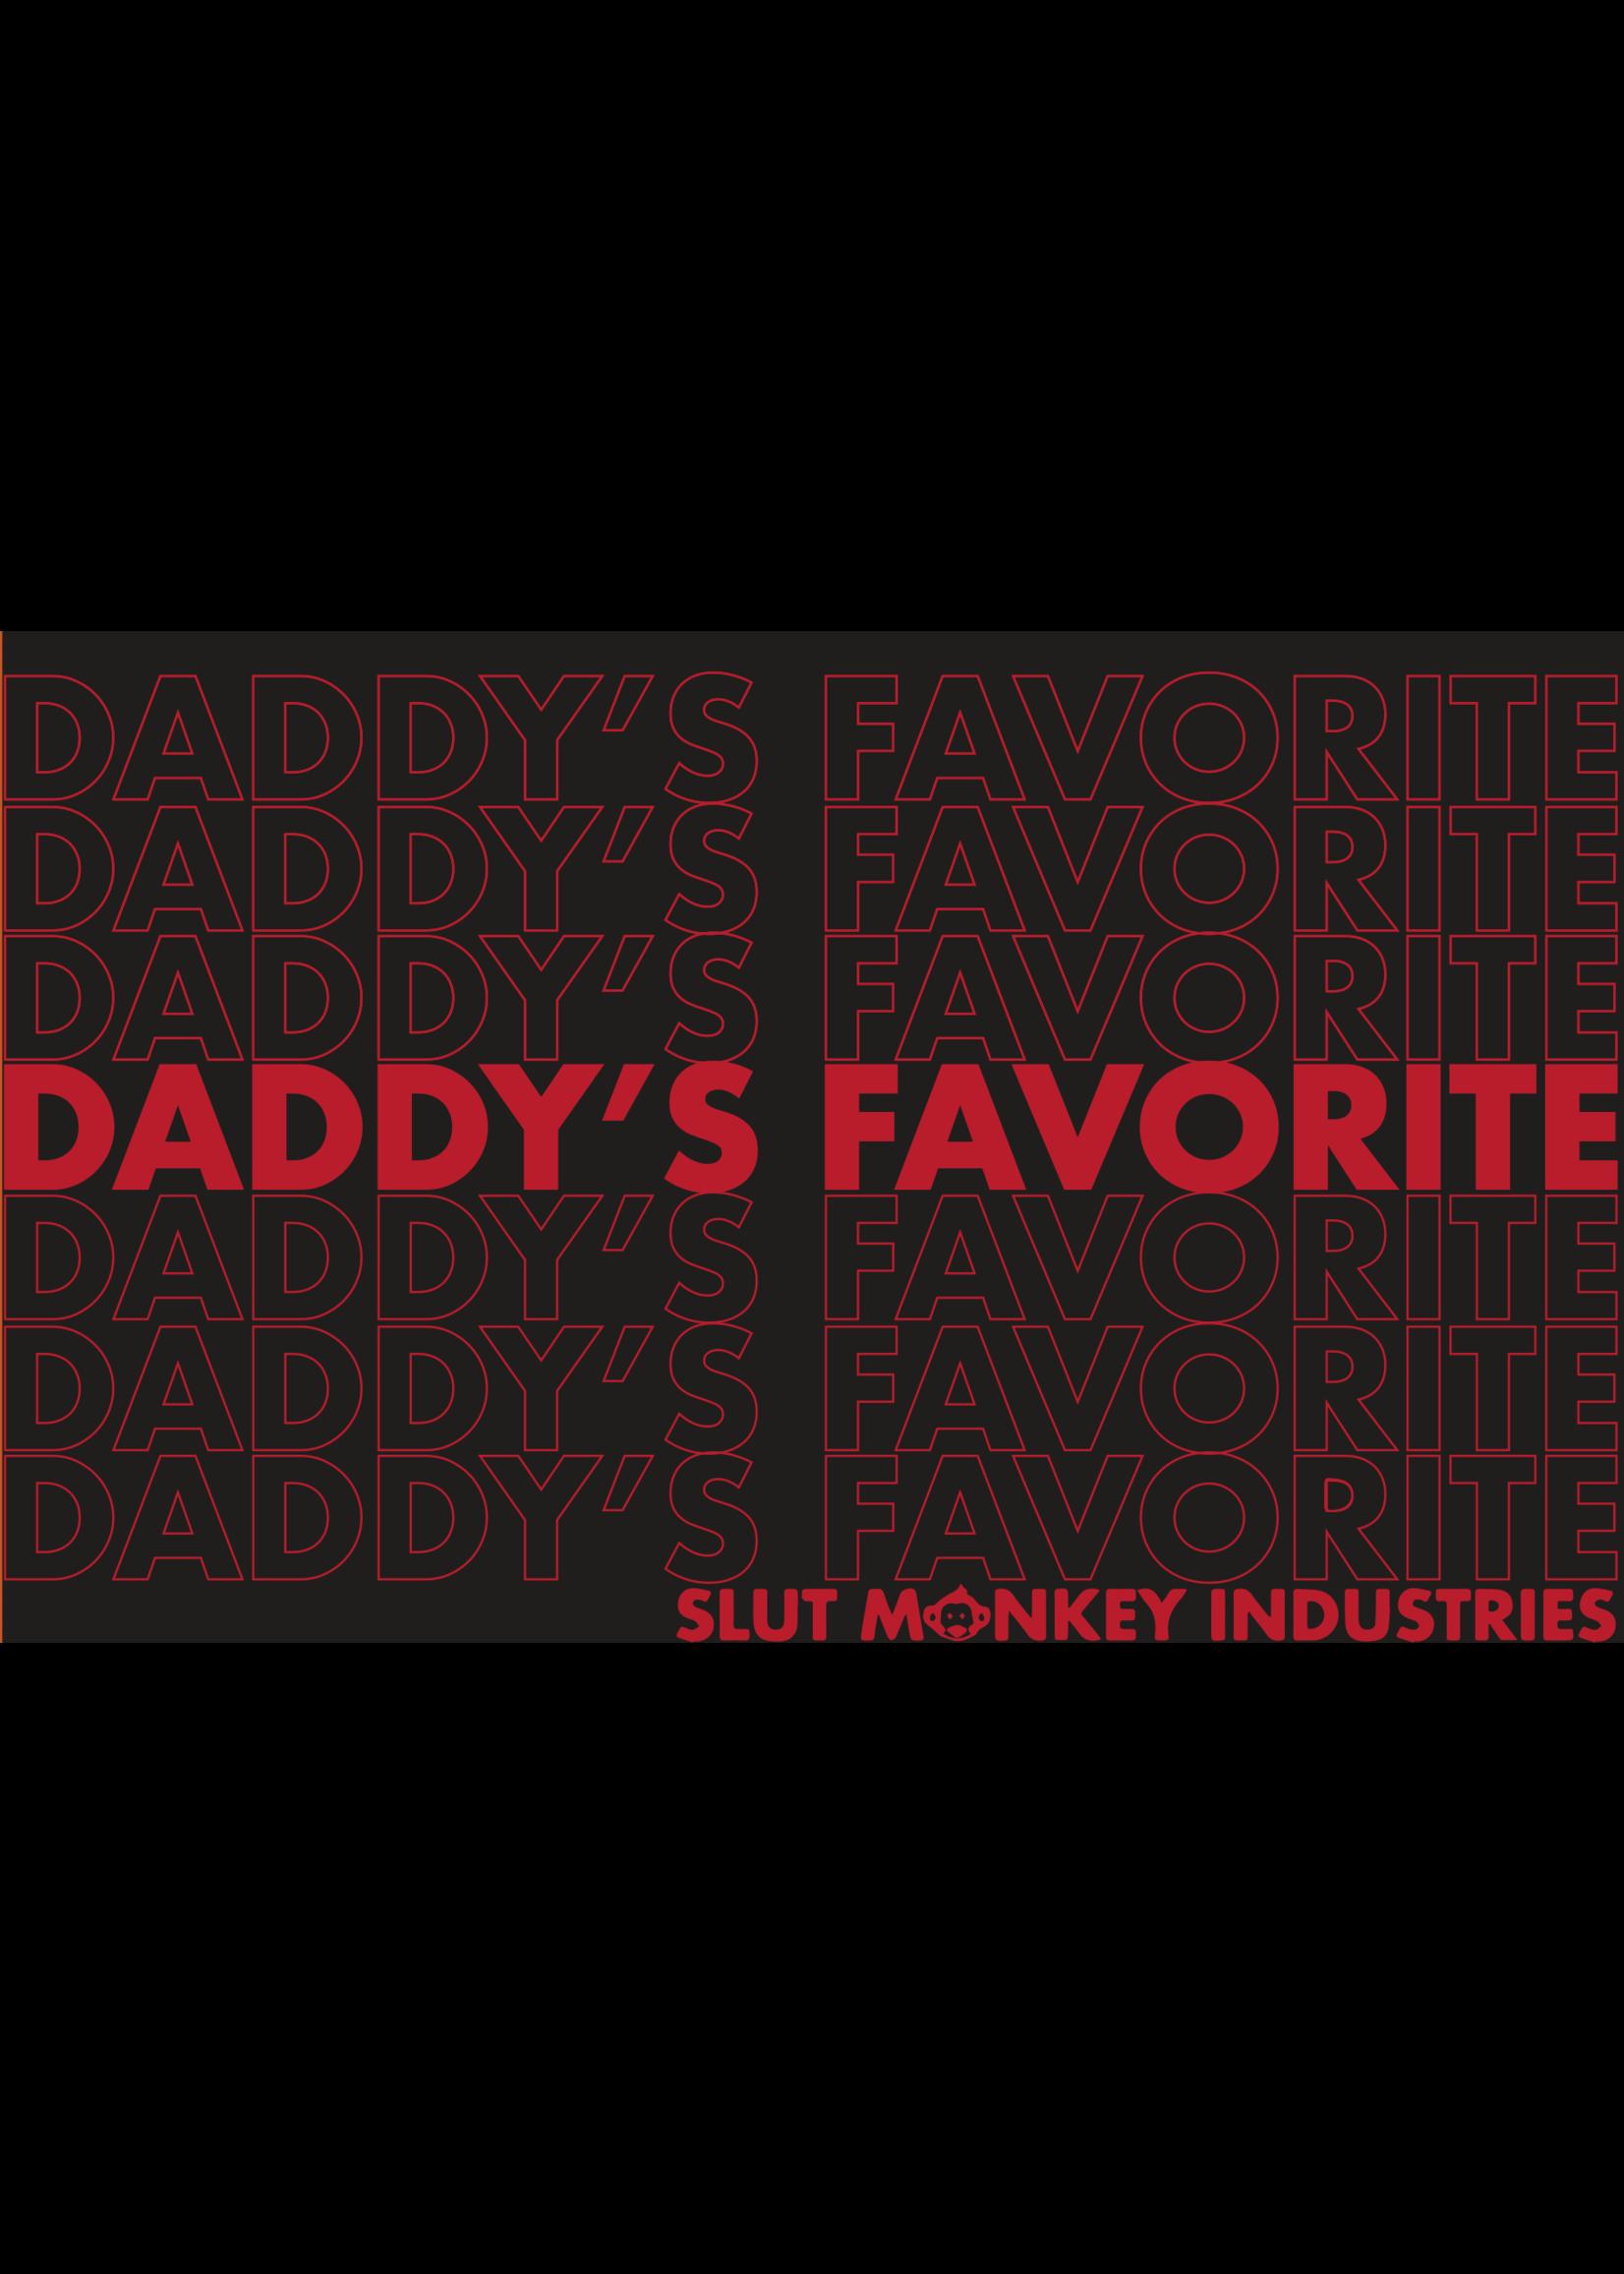 Slut Monkey Slut Monkey Daddy's Favorite Muscle Tee